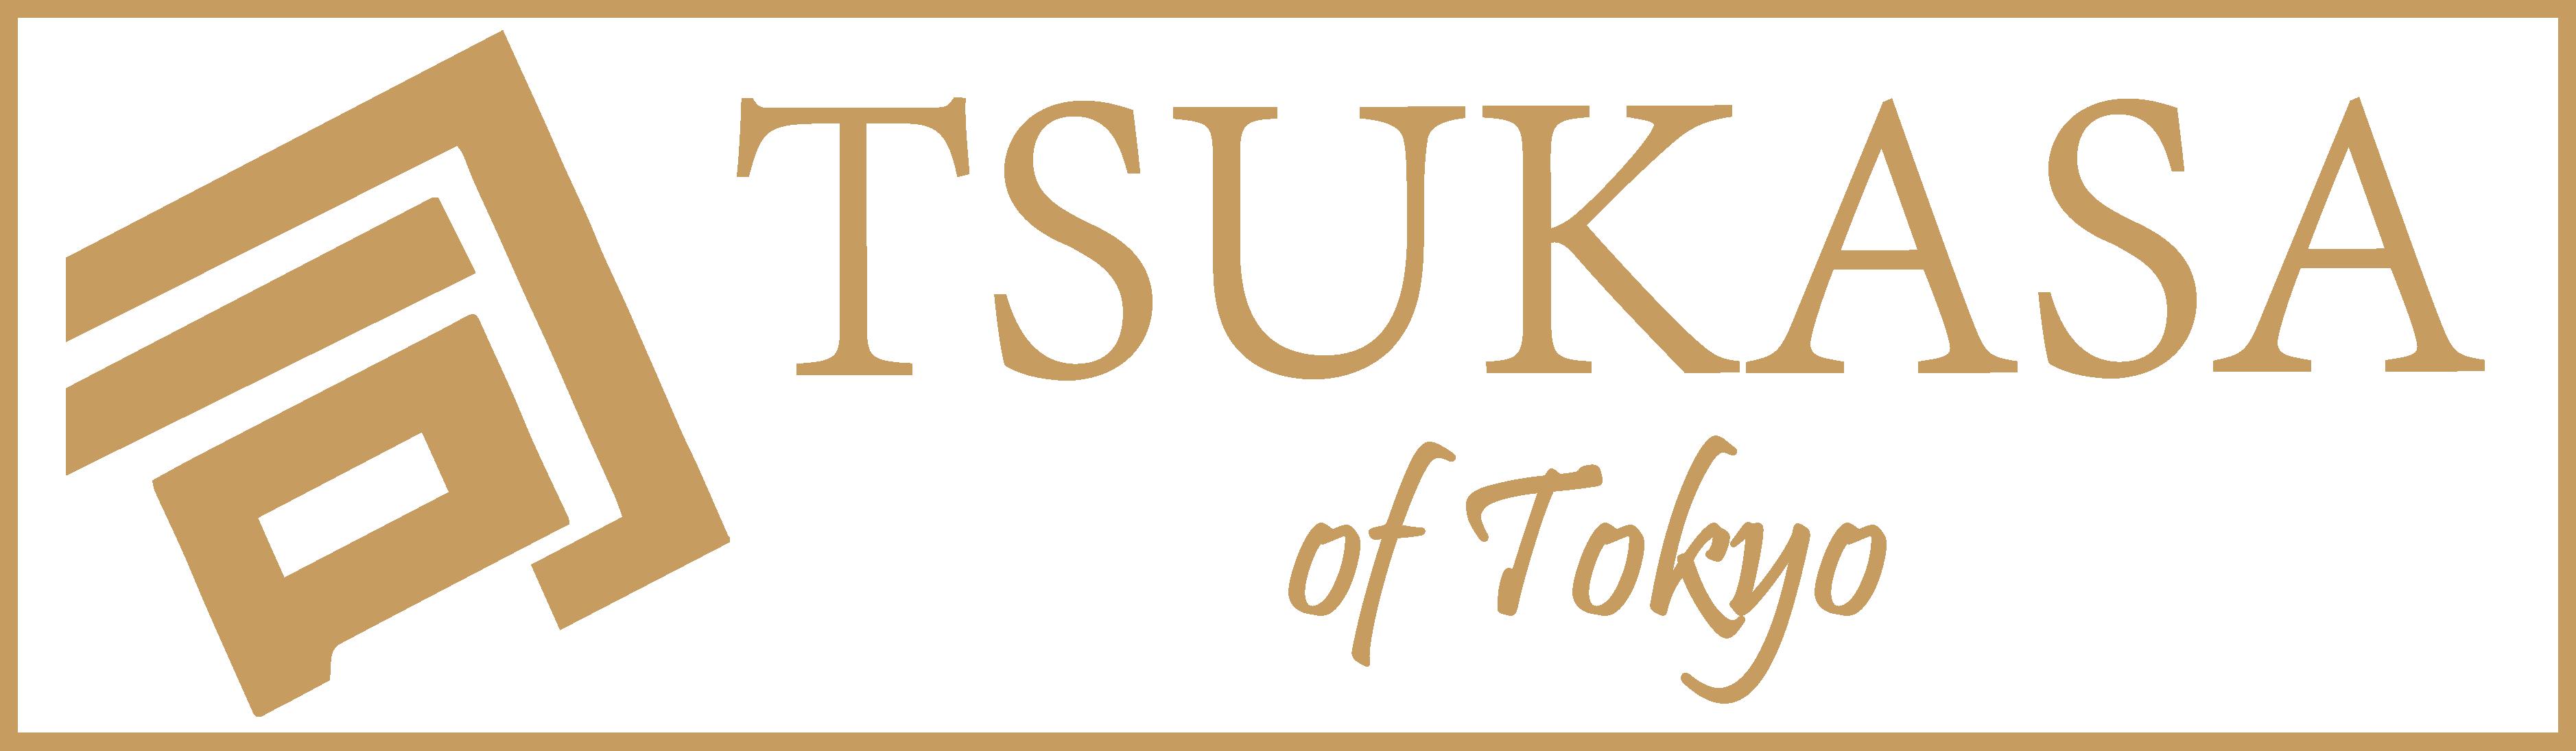 Tsukasa of Tokyo